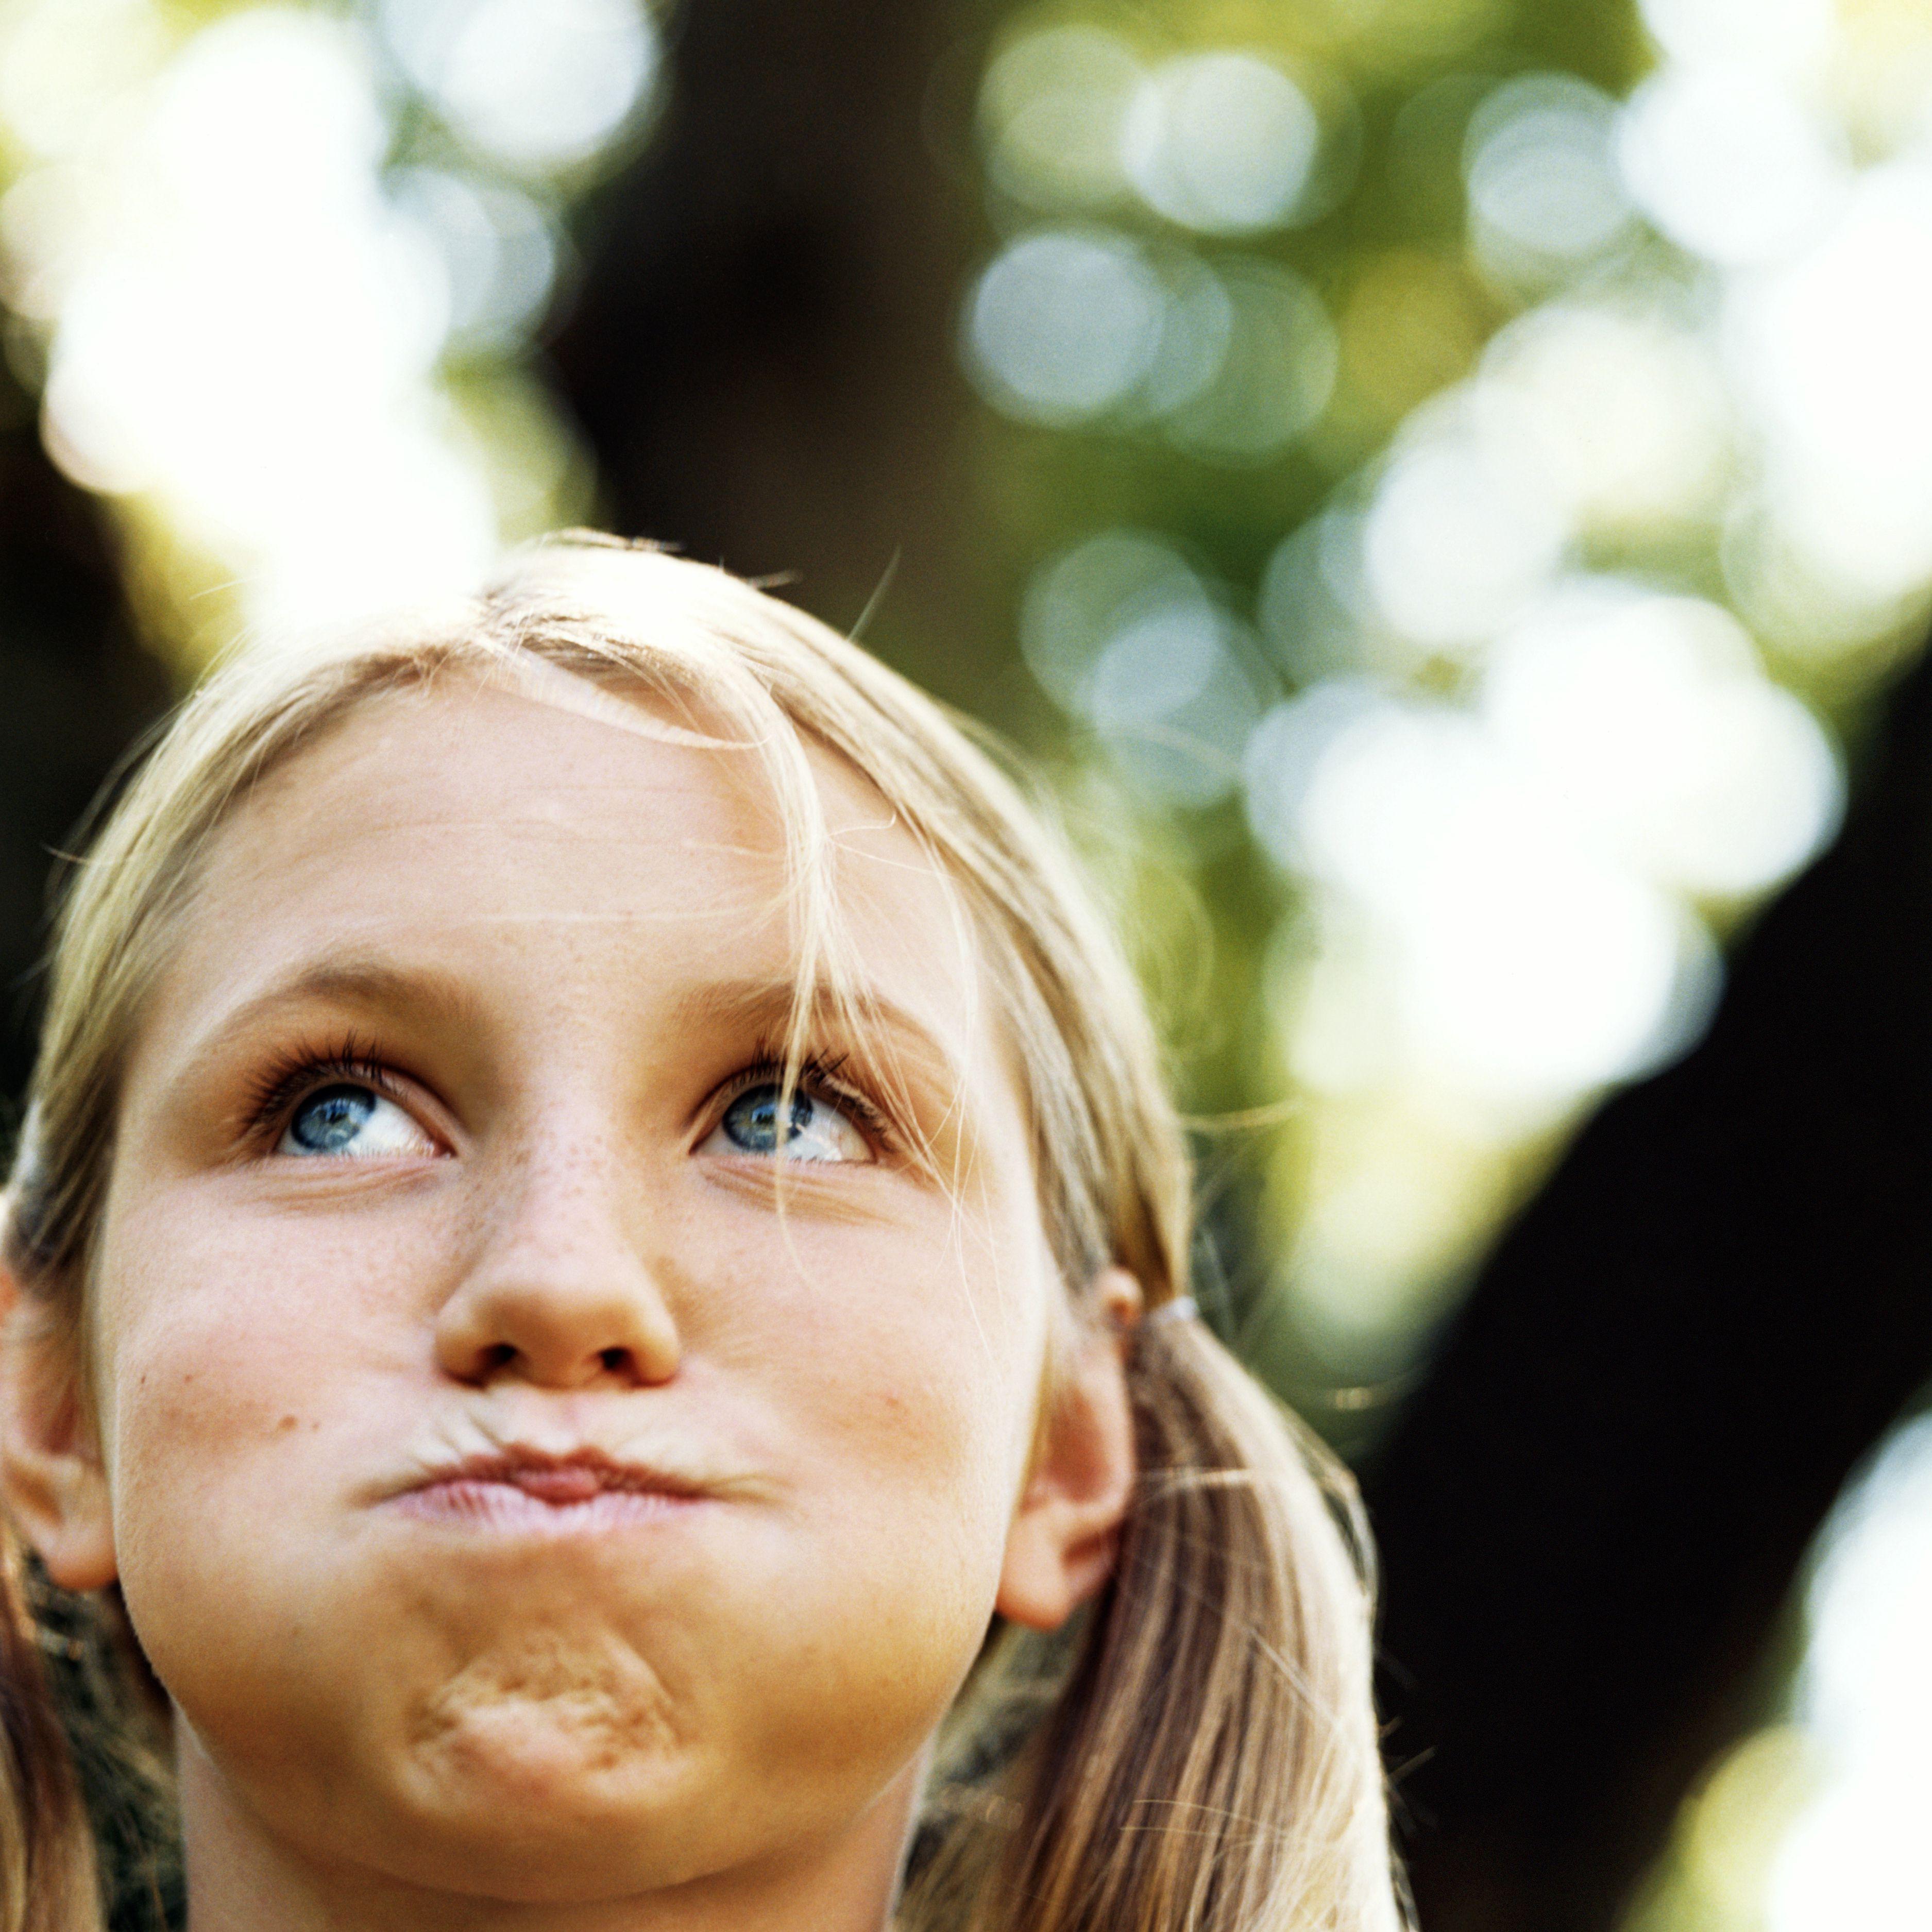 Adolescente (13-15) conteniendo la respiración